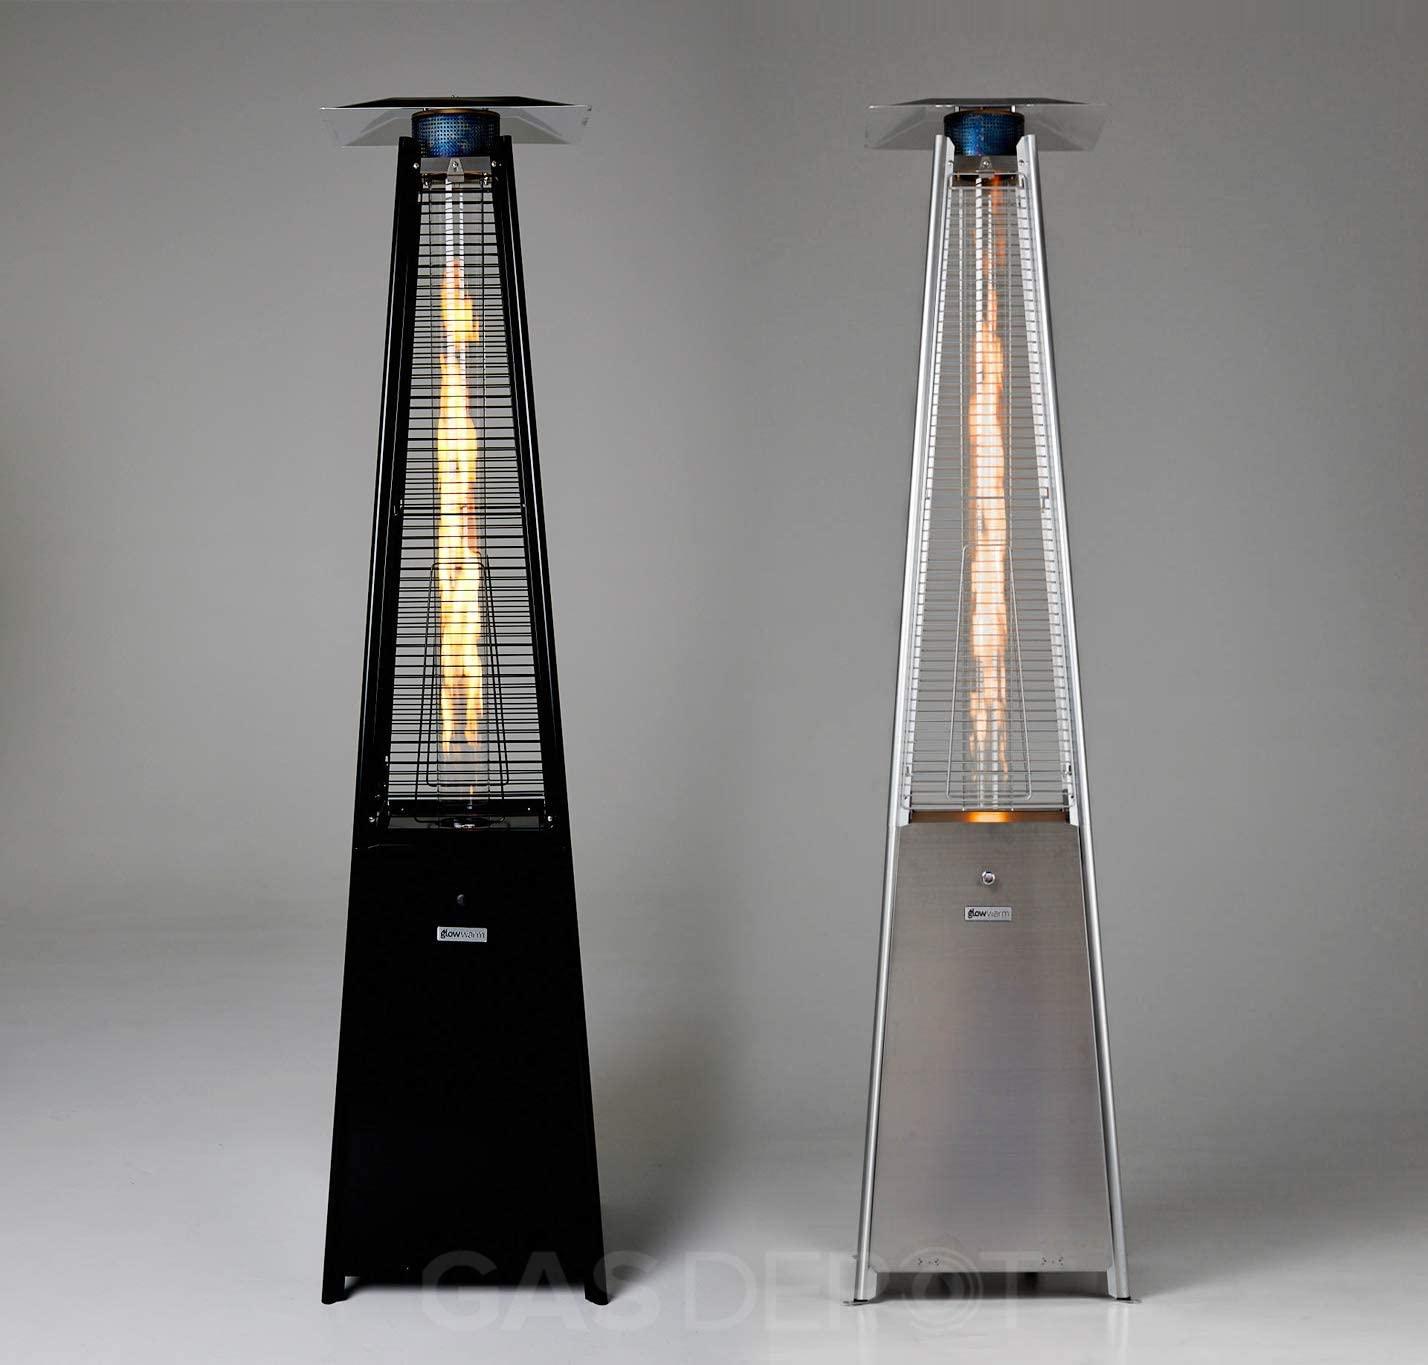 Calentador de patio piramidal para exteriores Gasdepot Real Flame